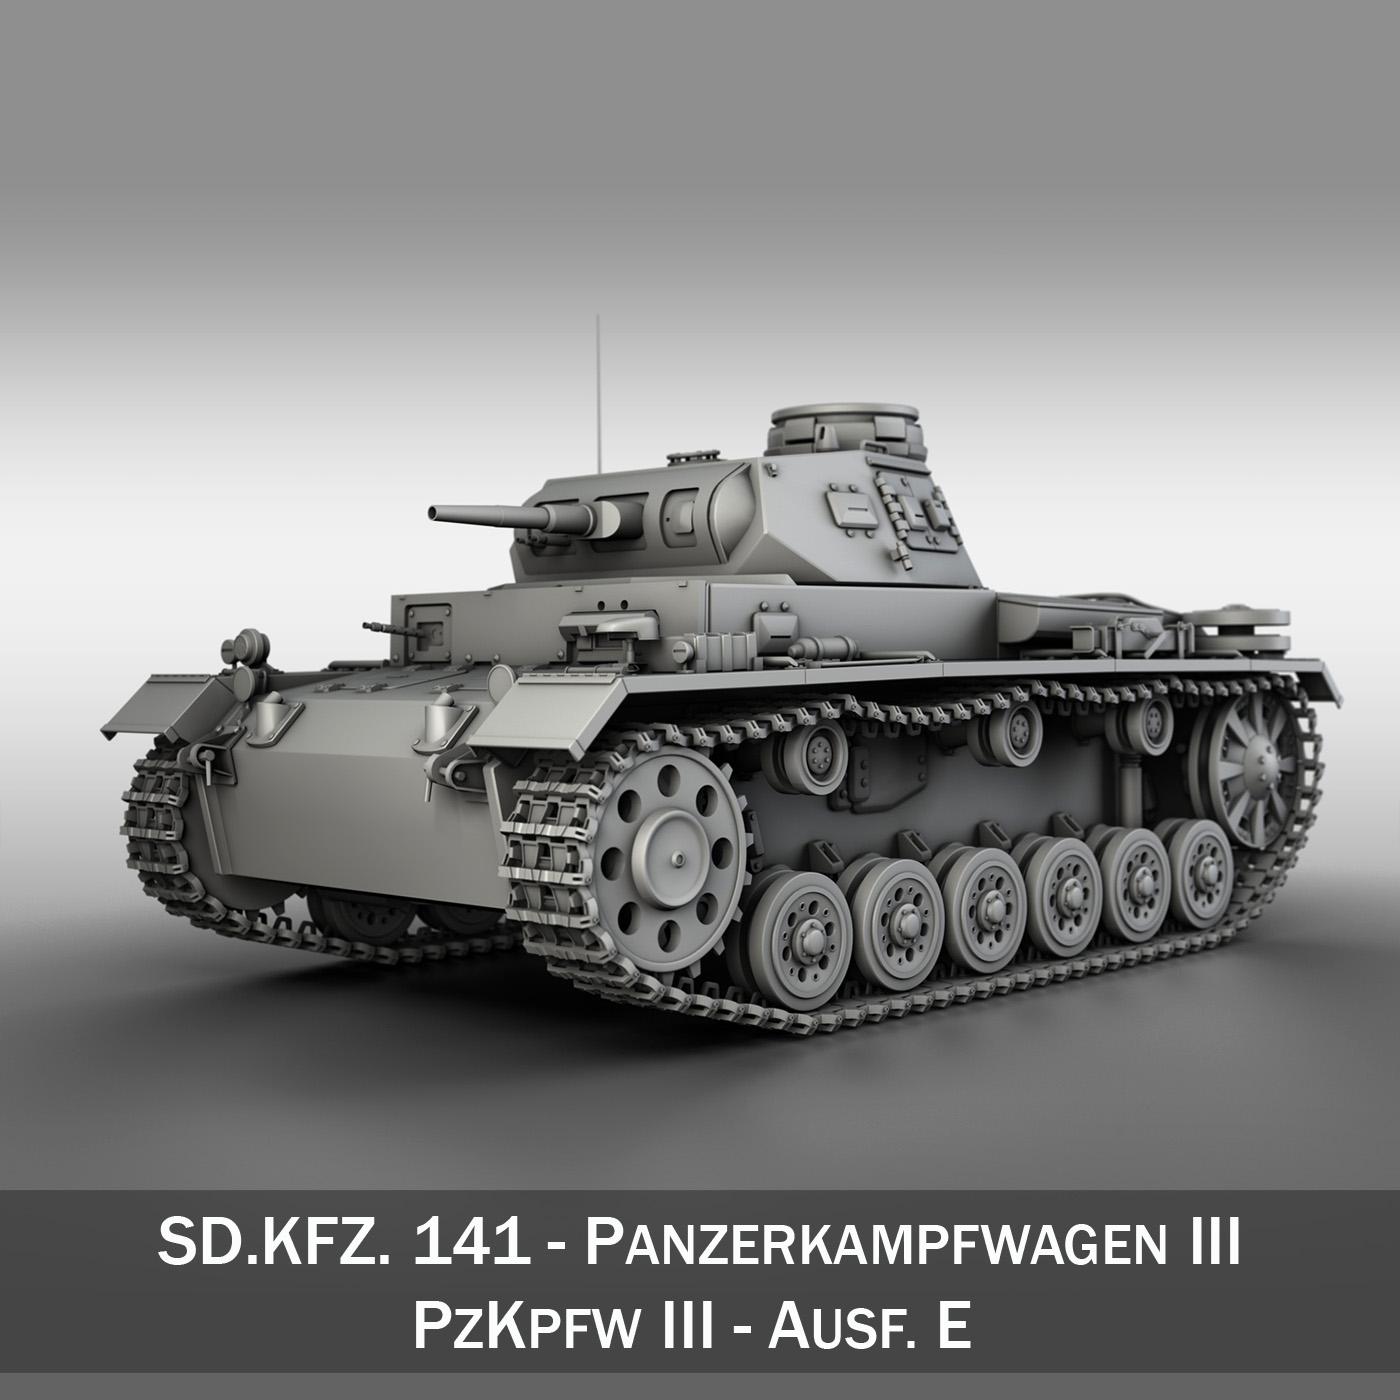 sd.kfz 141 pzkpfw 3 – panzer 3 – ausf.e 3d model 3ds fbx c4d lwo obj 189115